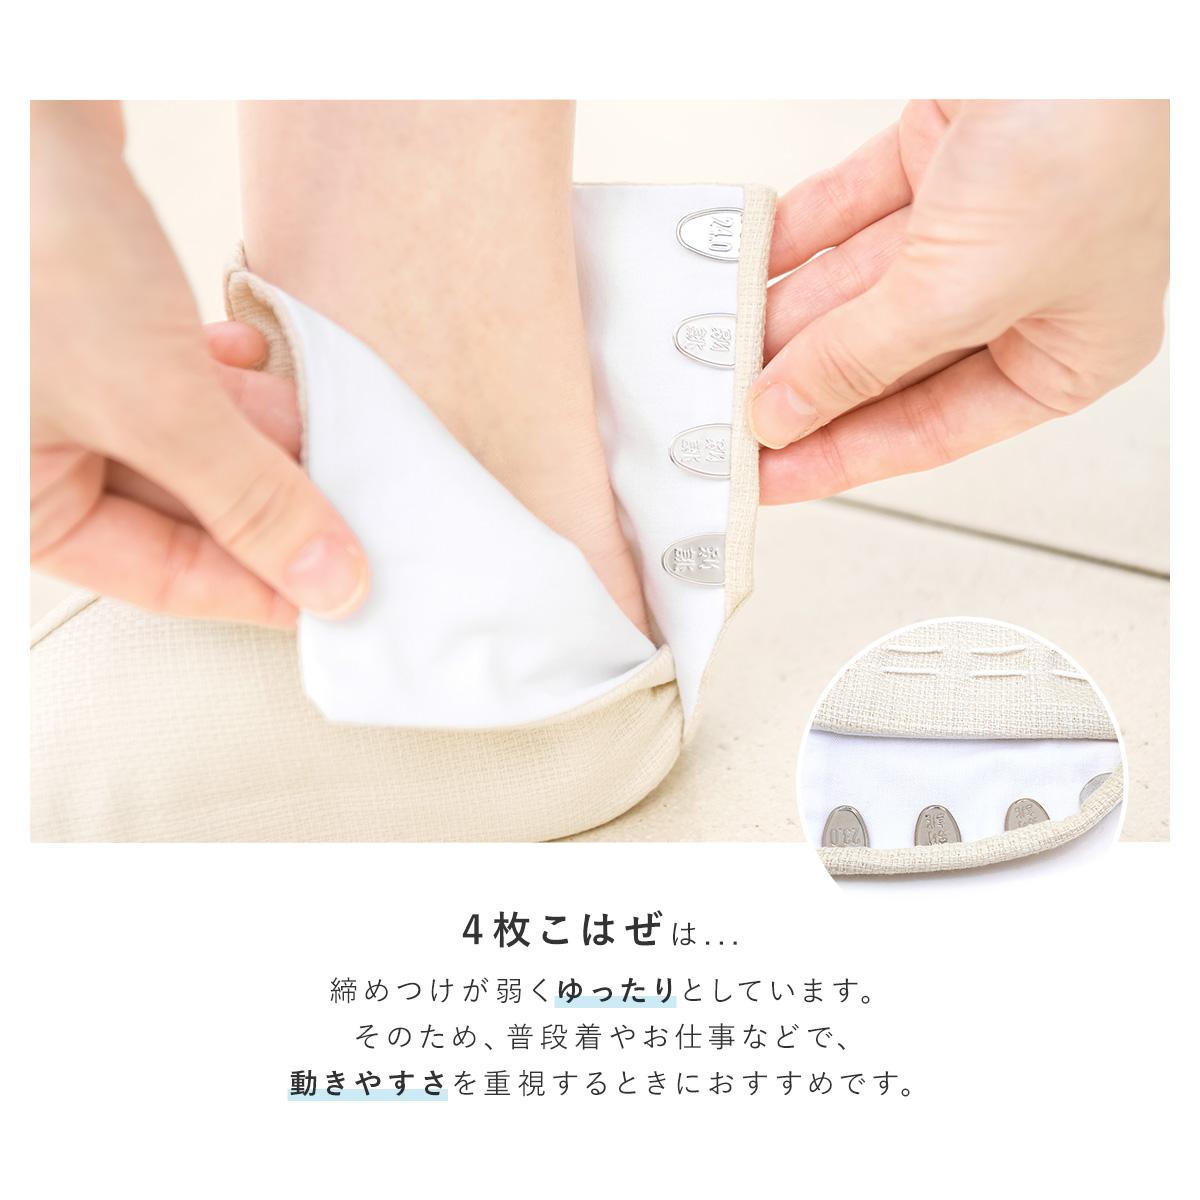 着物のおしゃれにおすすめな女性用足袋(たび)